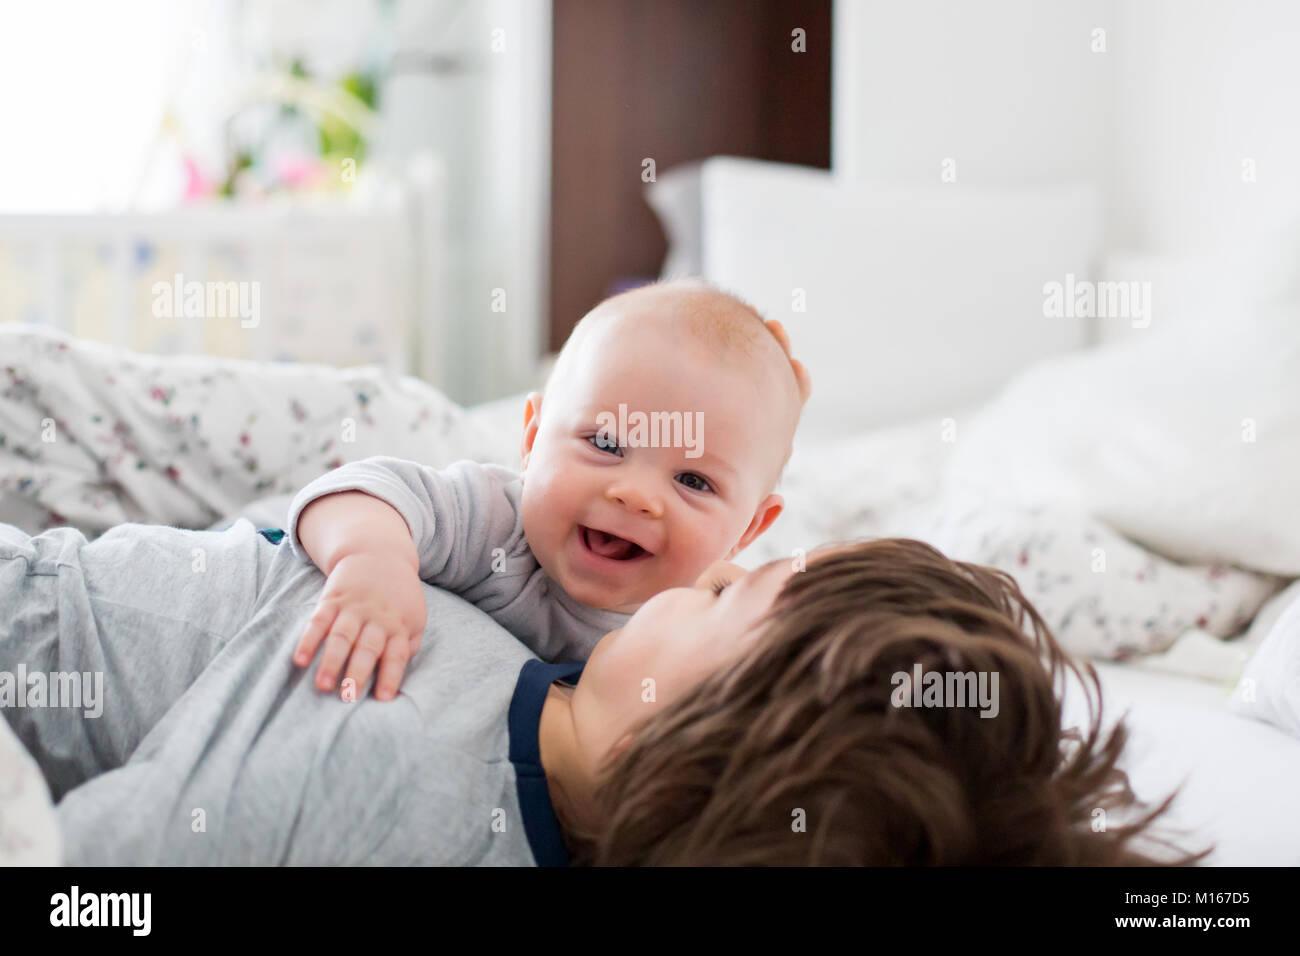 Due bambini, baby e suo fratello nel letto la mattina, giocare insieme, ridendo e avente una buona volta, la condivisione Immagini Stock